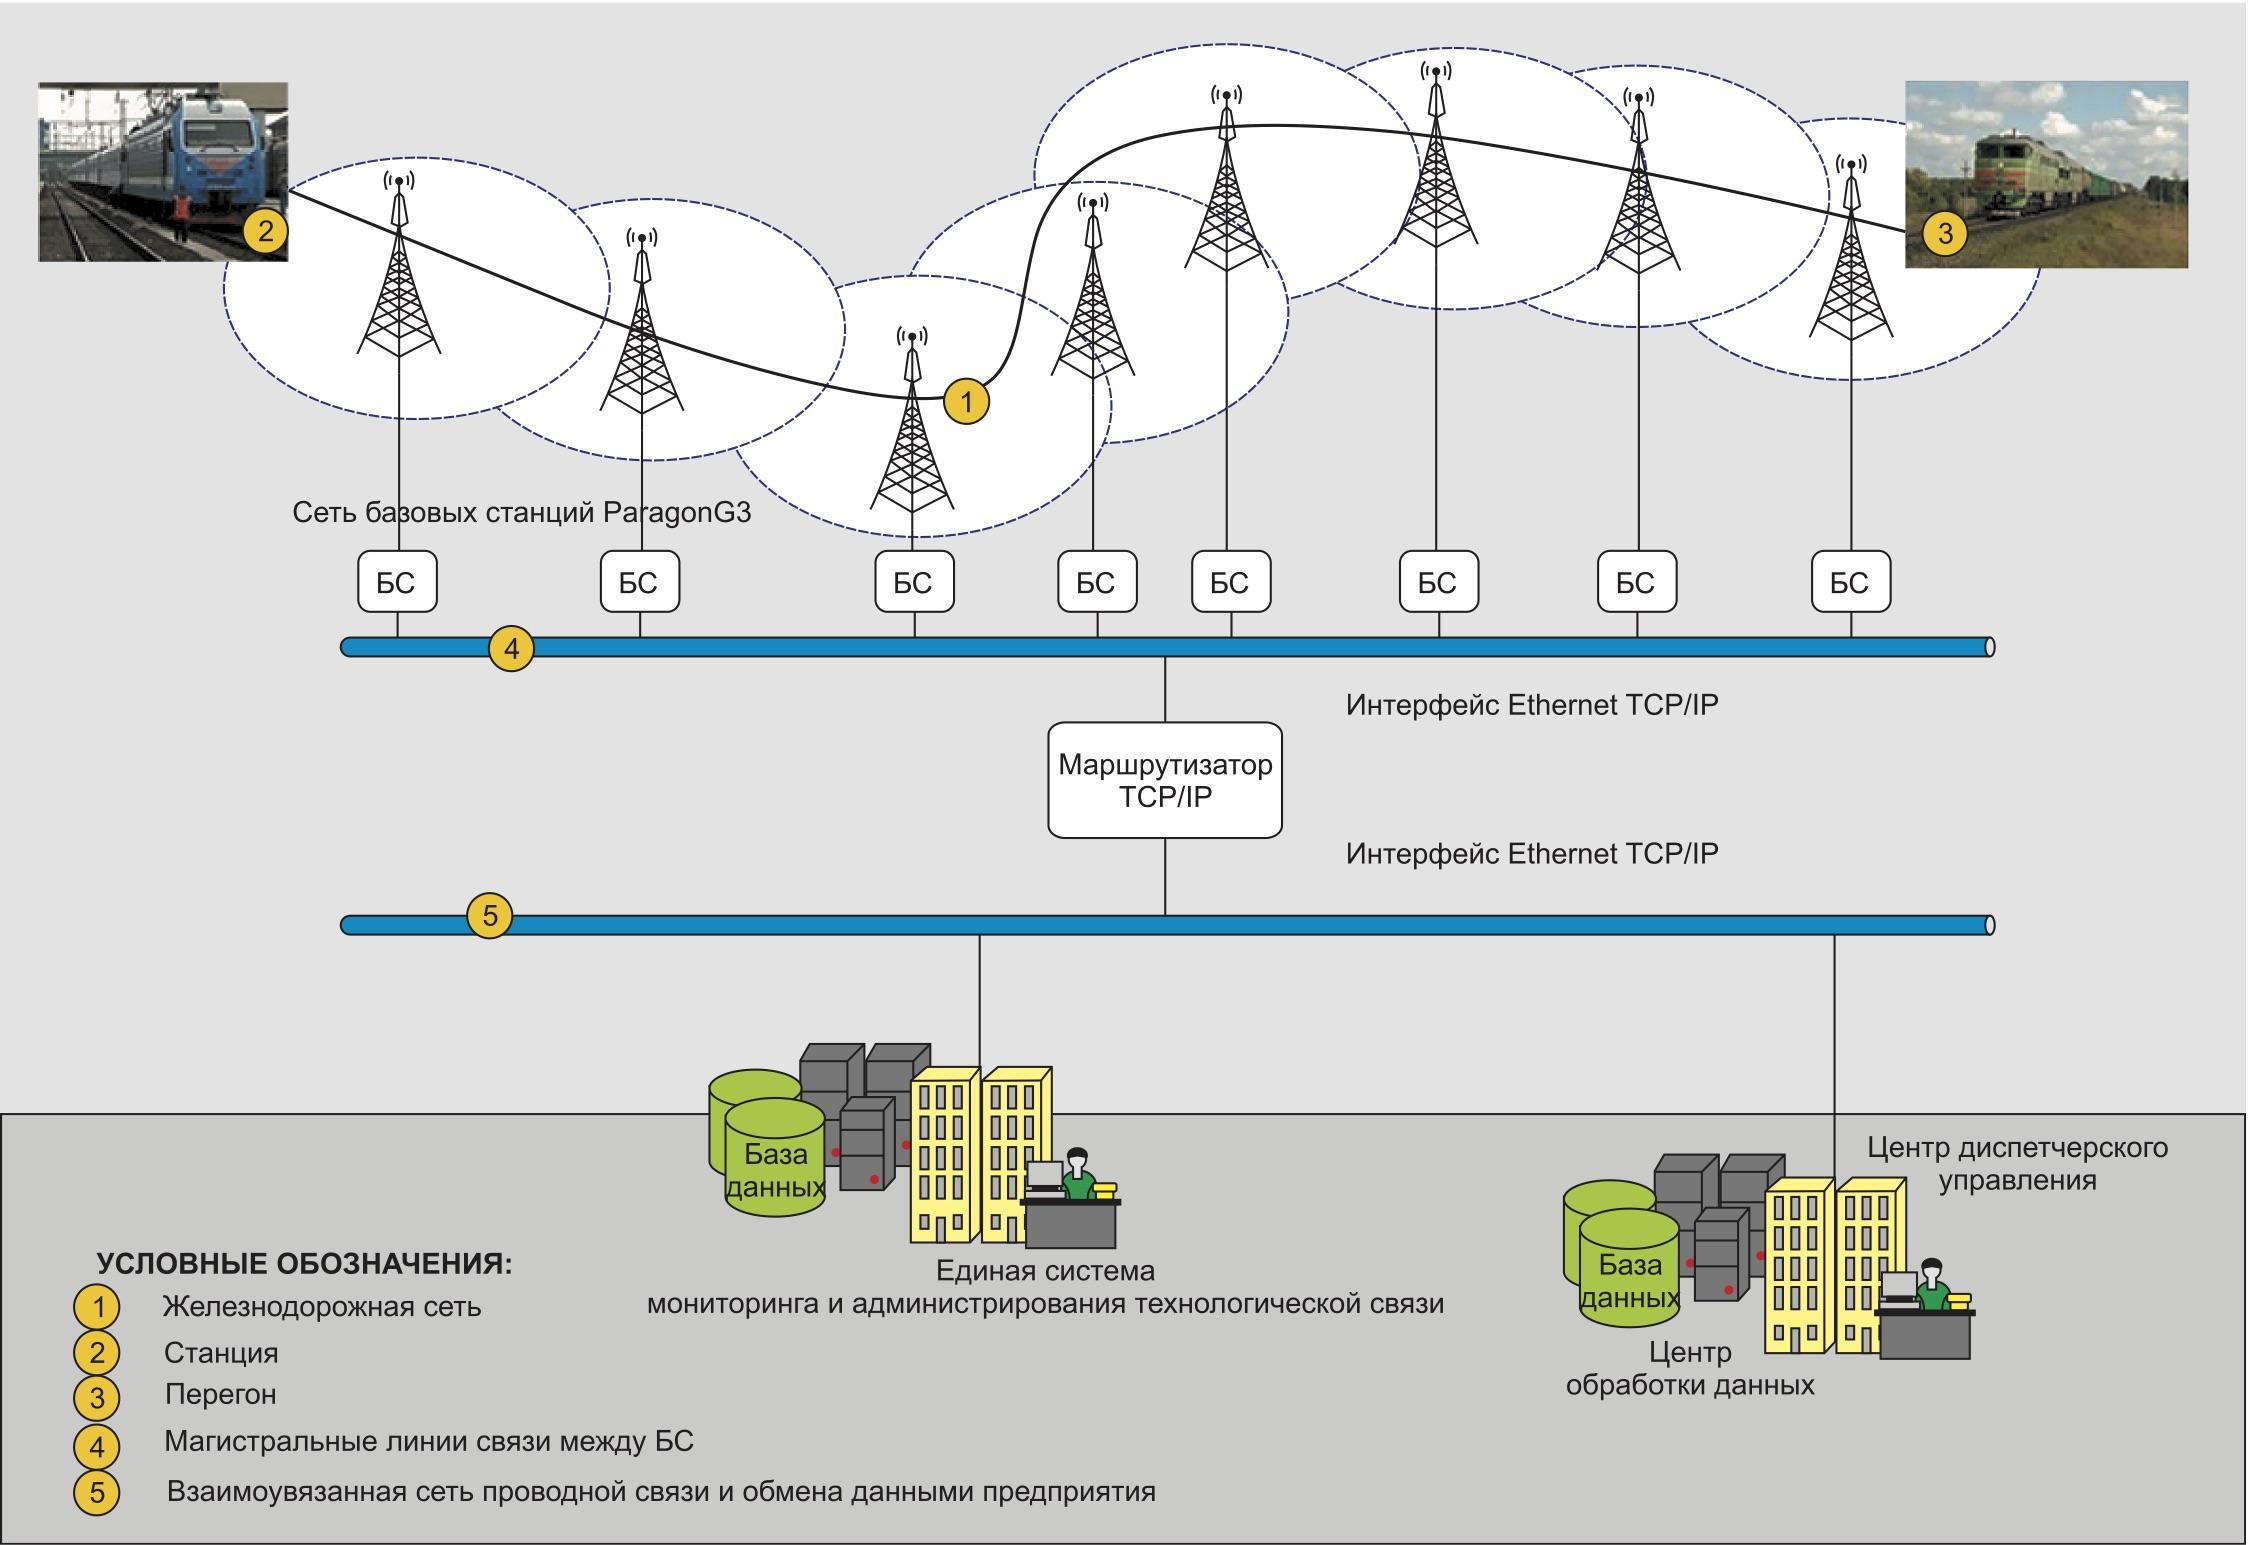 Типовая схема конвенциональной радиосети обмена данными на железнодорожном транспорте с использованием оборудования ParagonG3